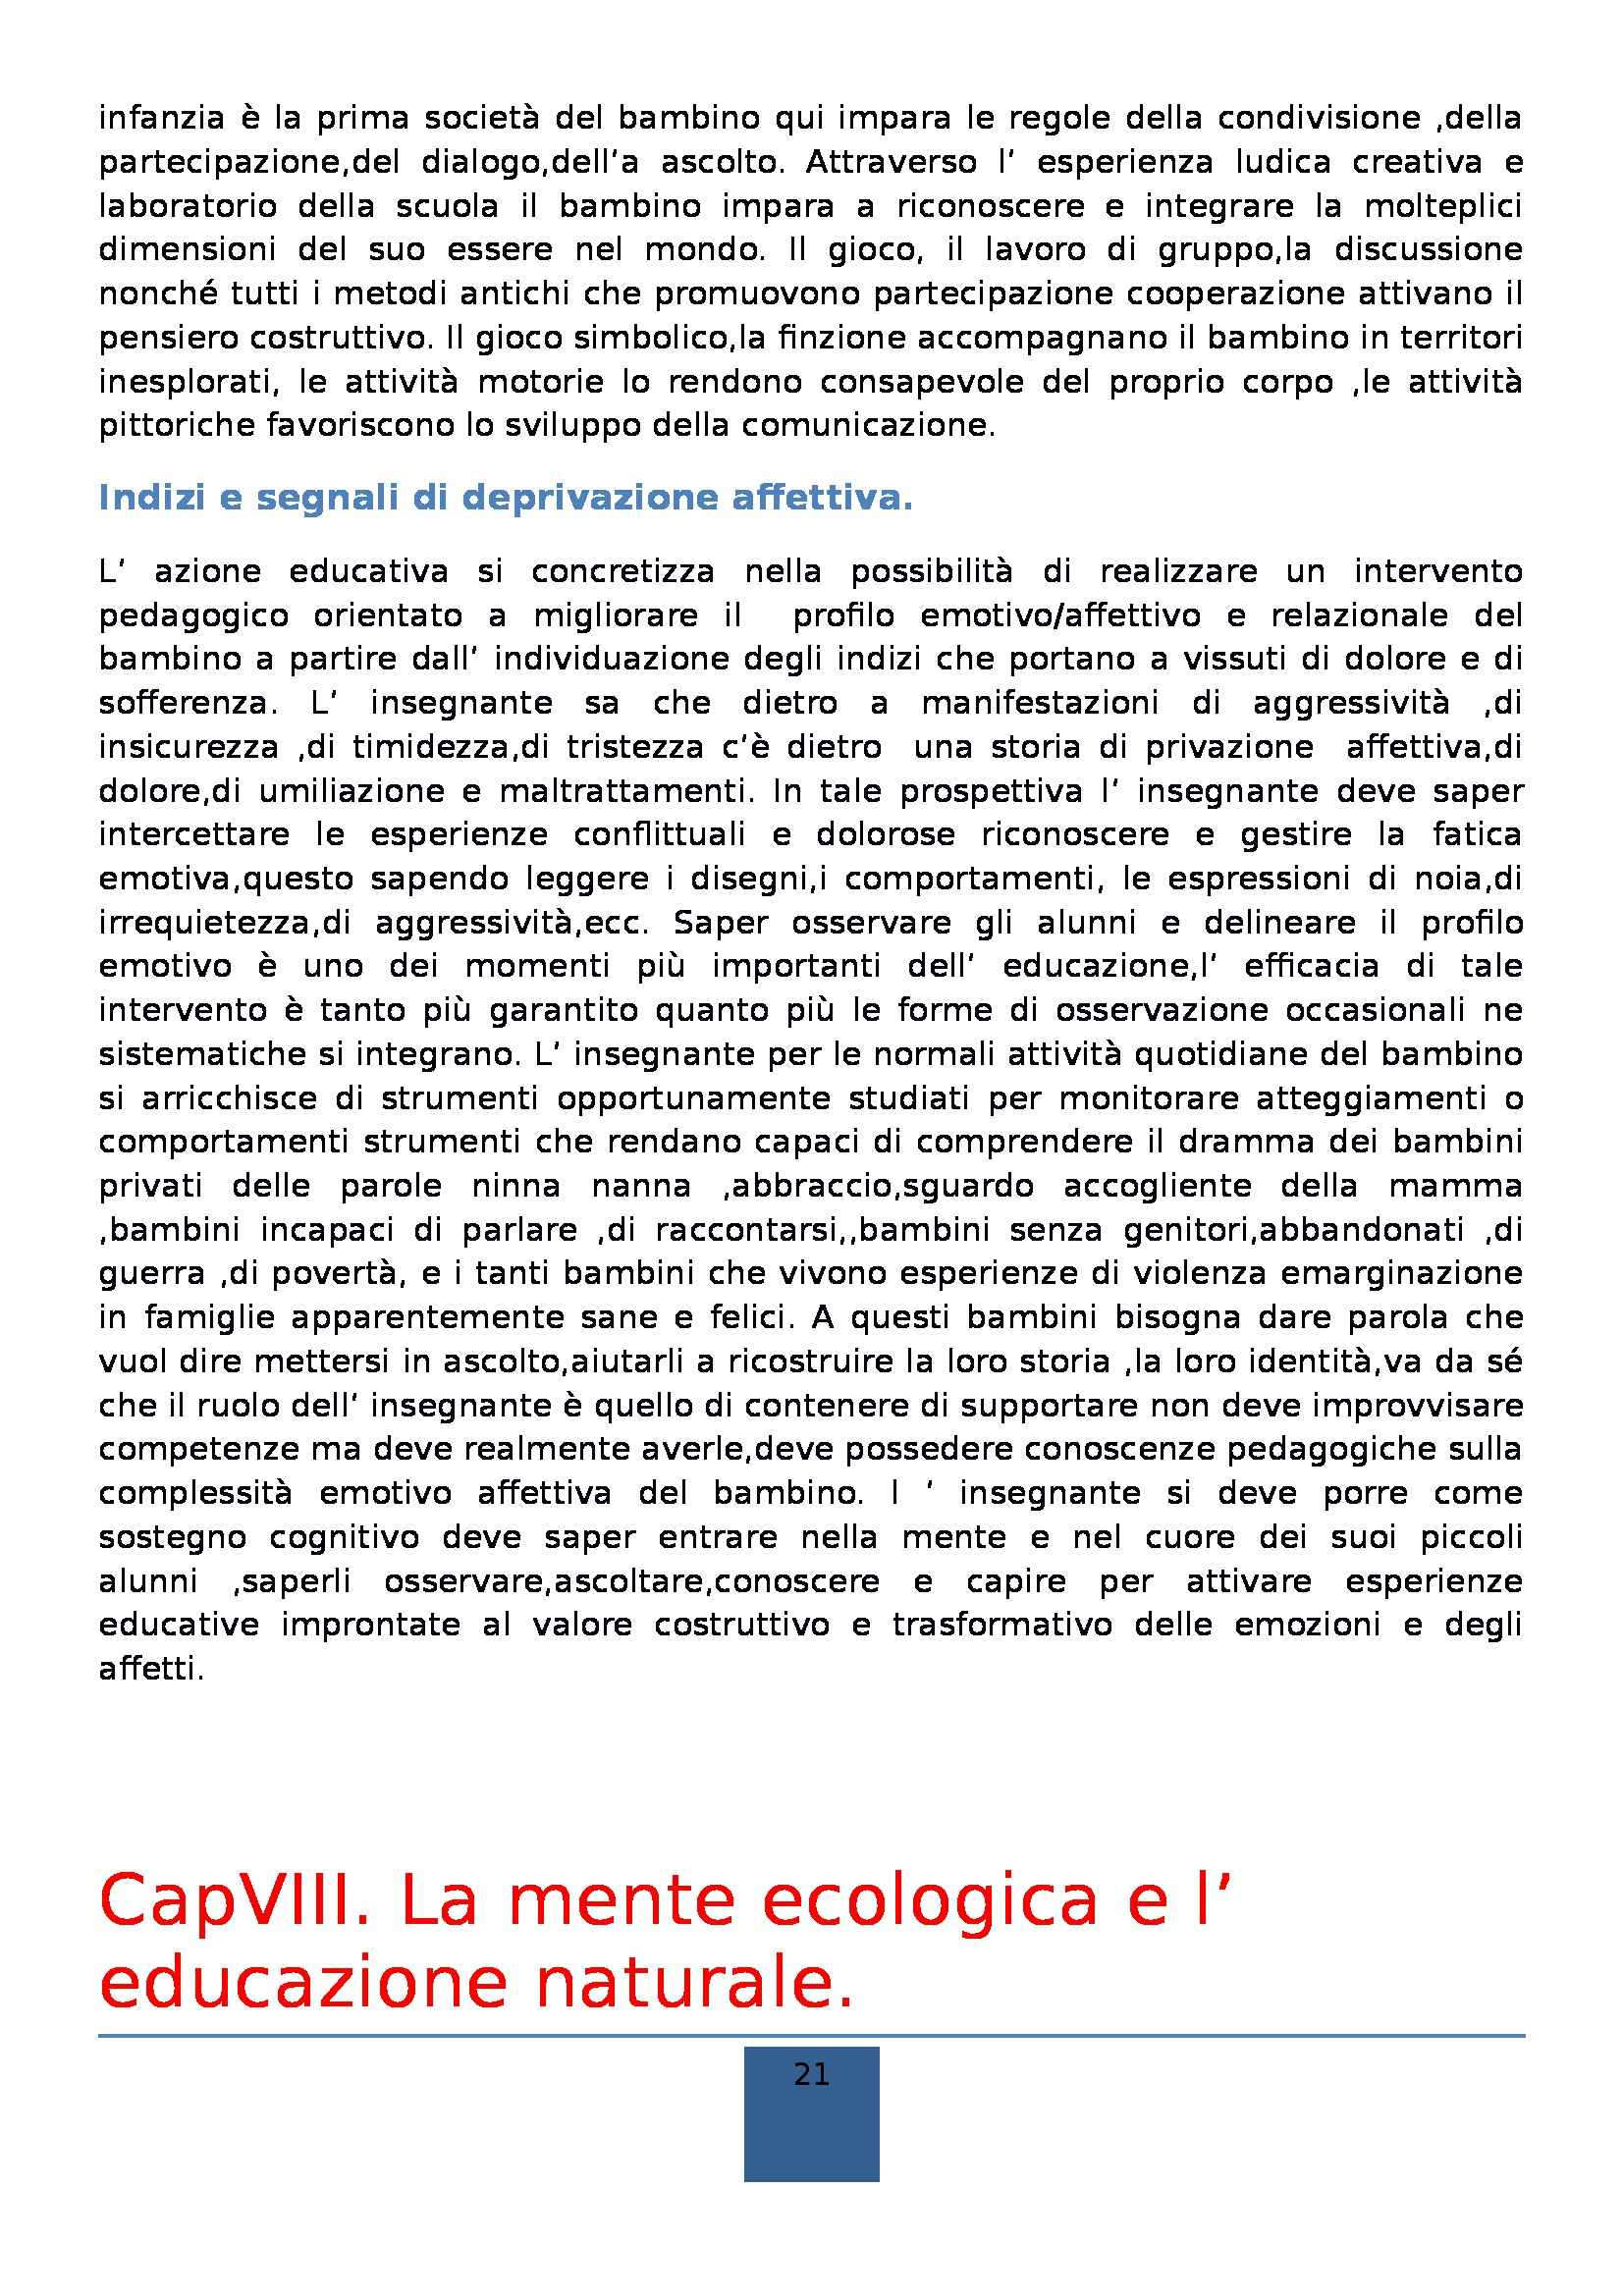 Riassunto esame Didattica generale, prof. Isidori, libro consigliato La scuola dell'infanzia, Frabboni Pag. 21